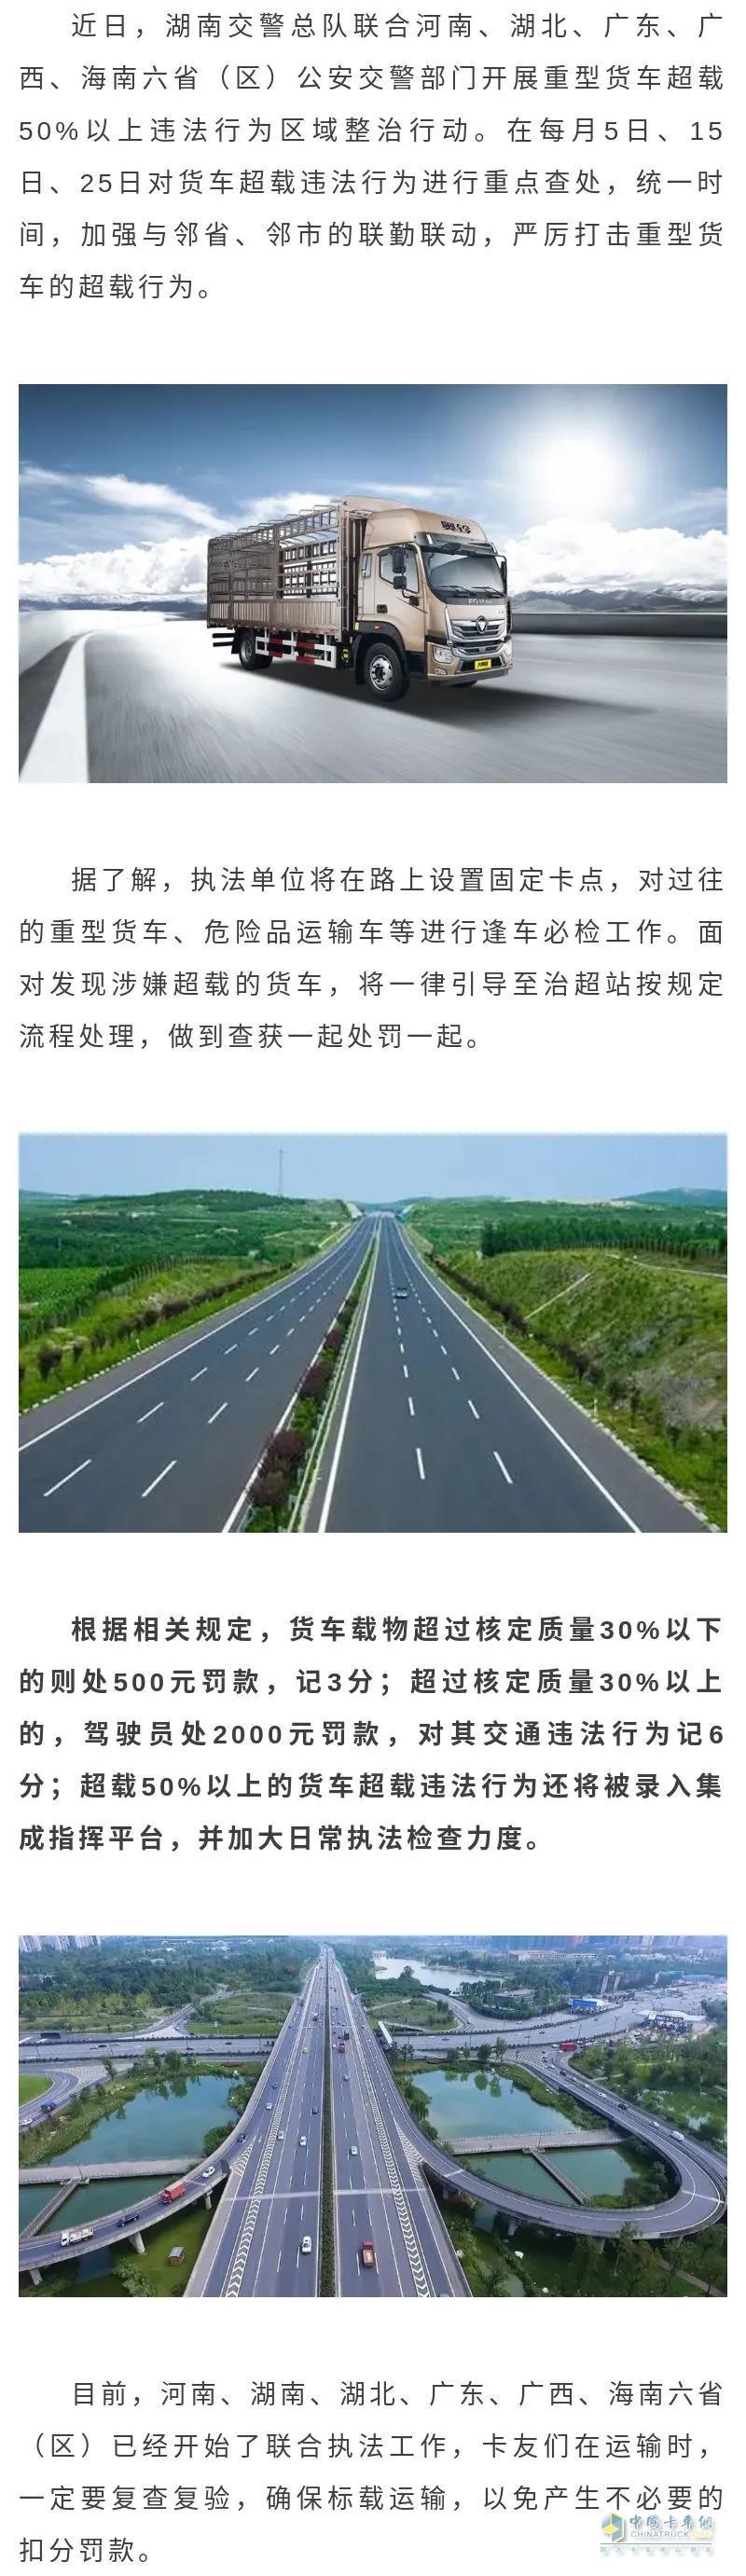 道路交通 治超治限